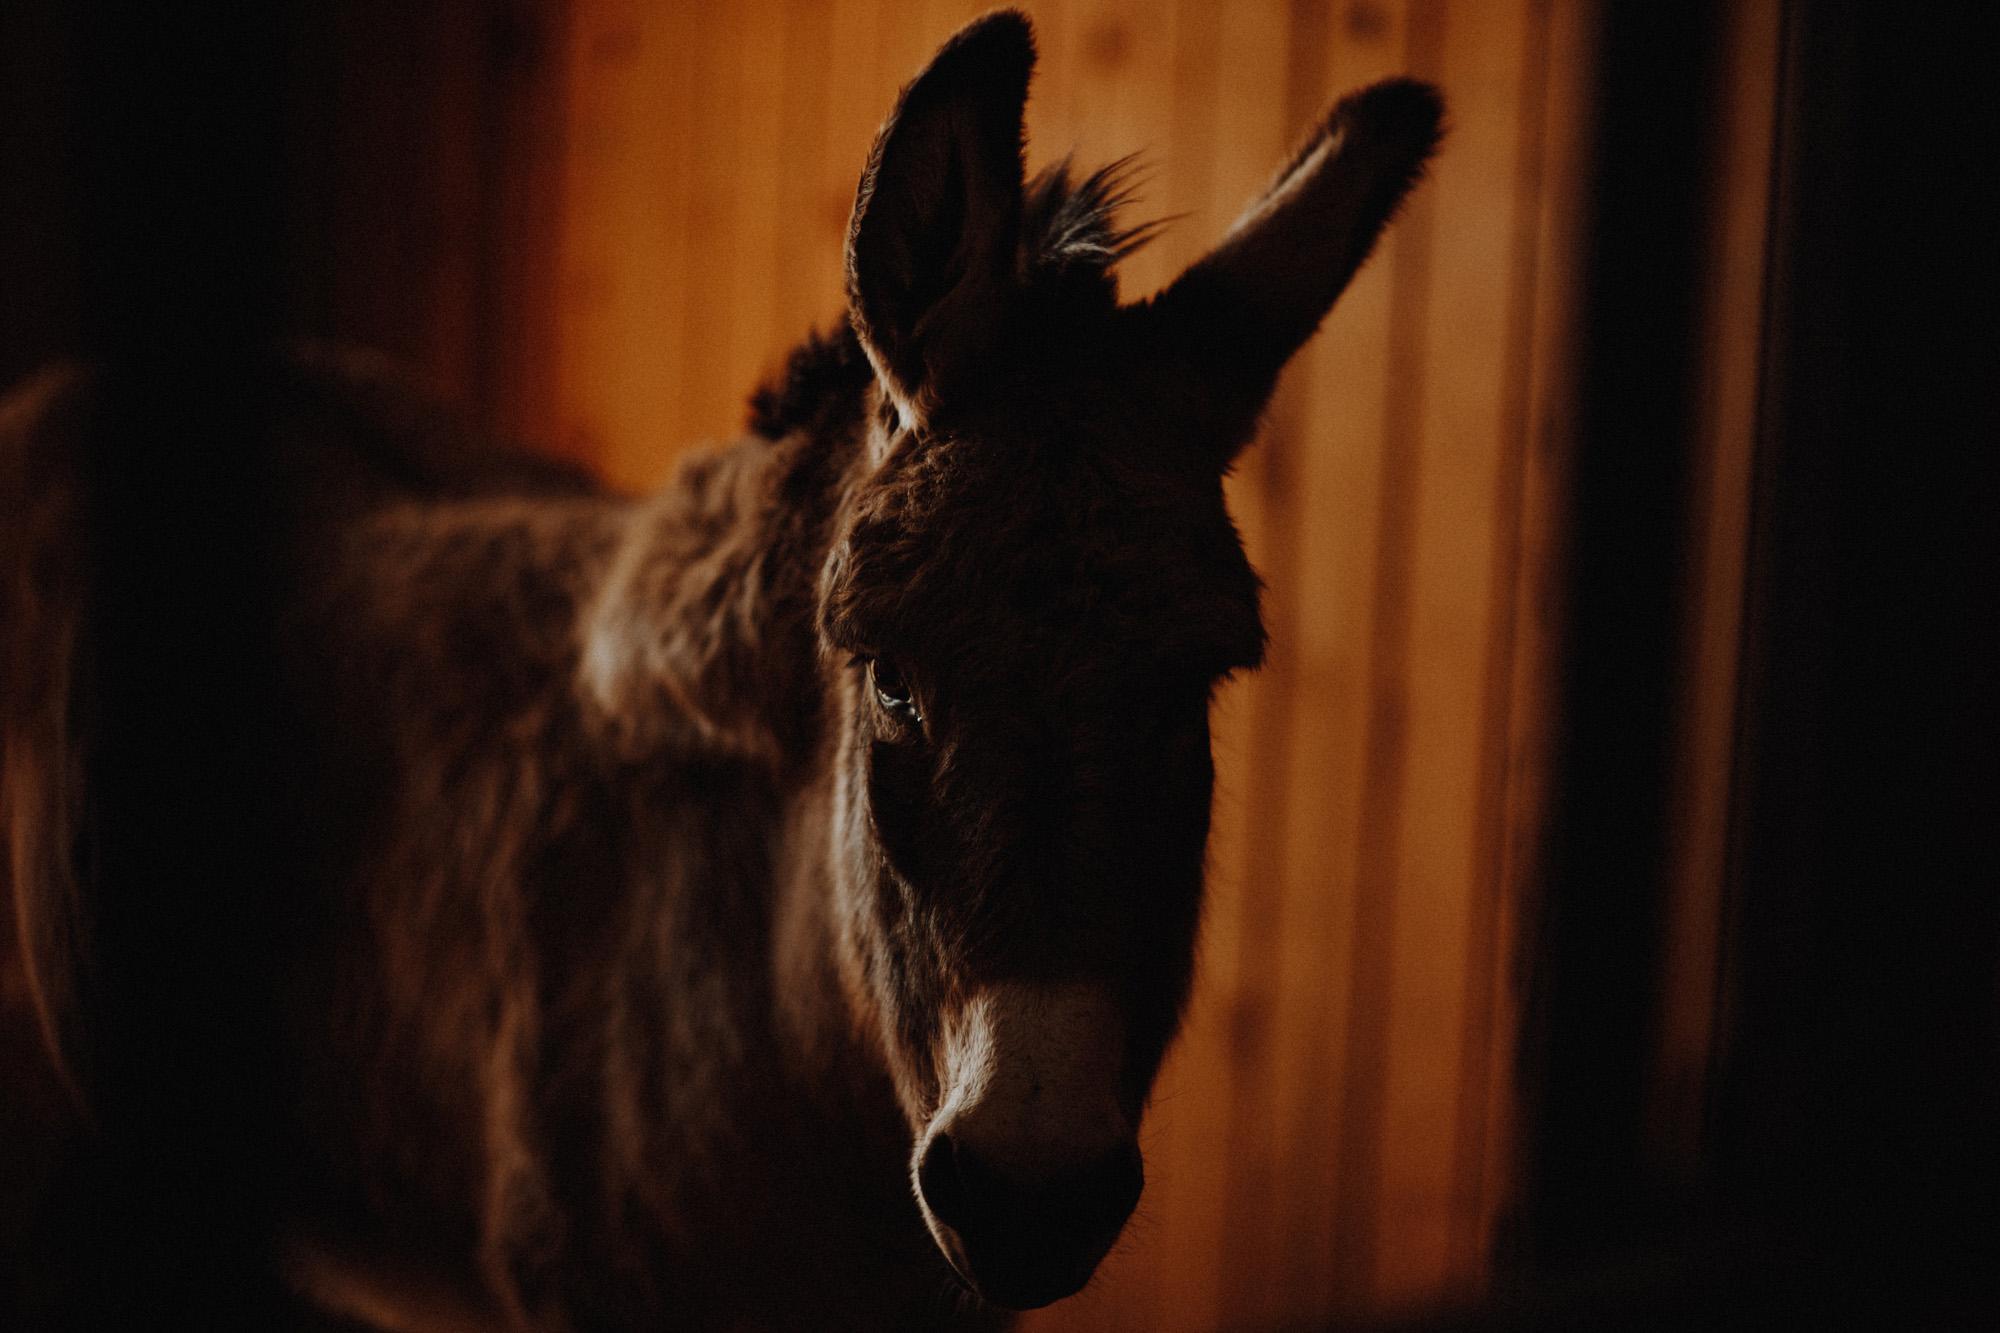 alec_vanderboom_horses_online-0020.jpg